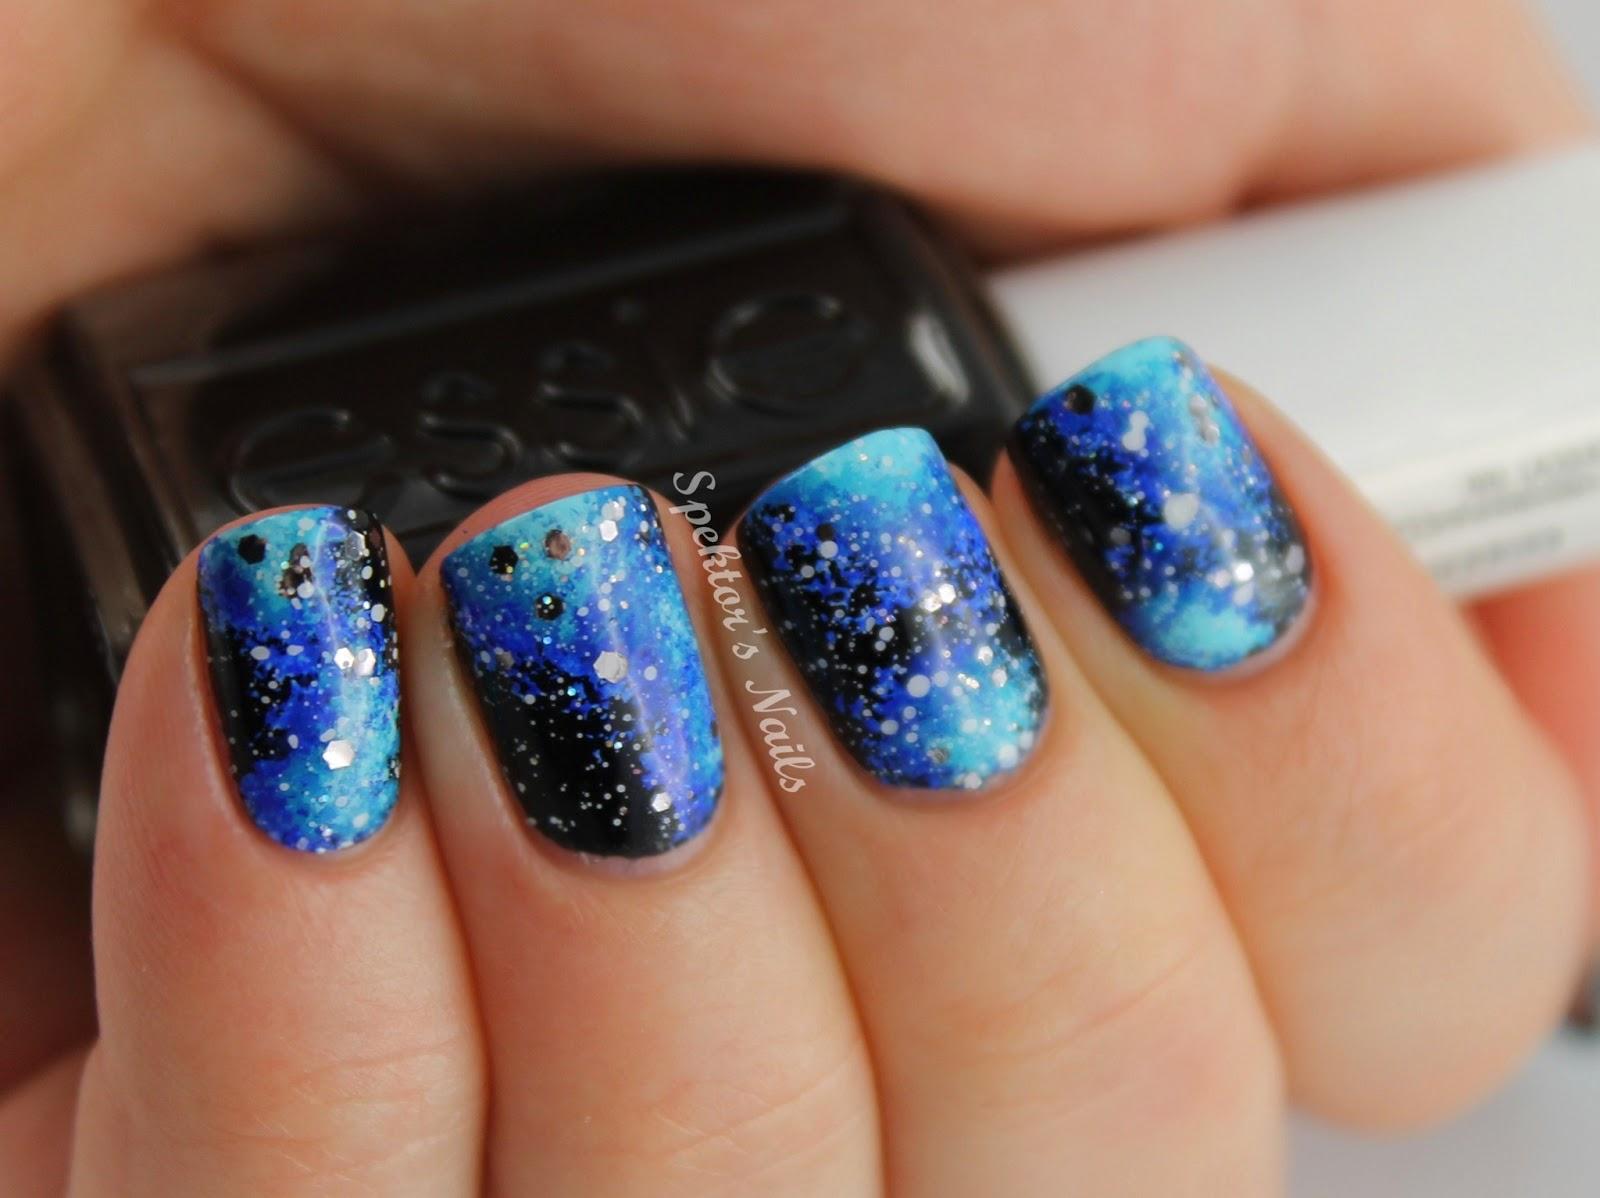 Galaxy Acrylic Nails - Bing images